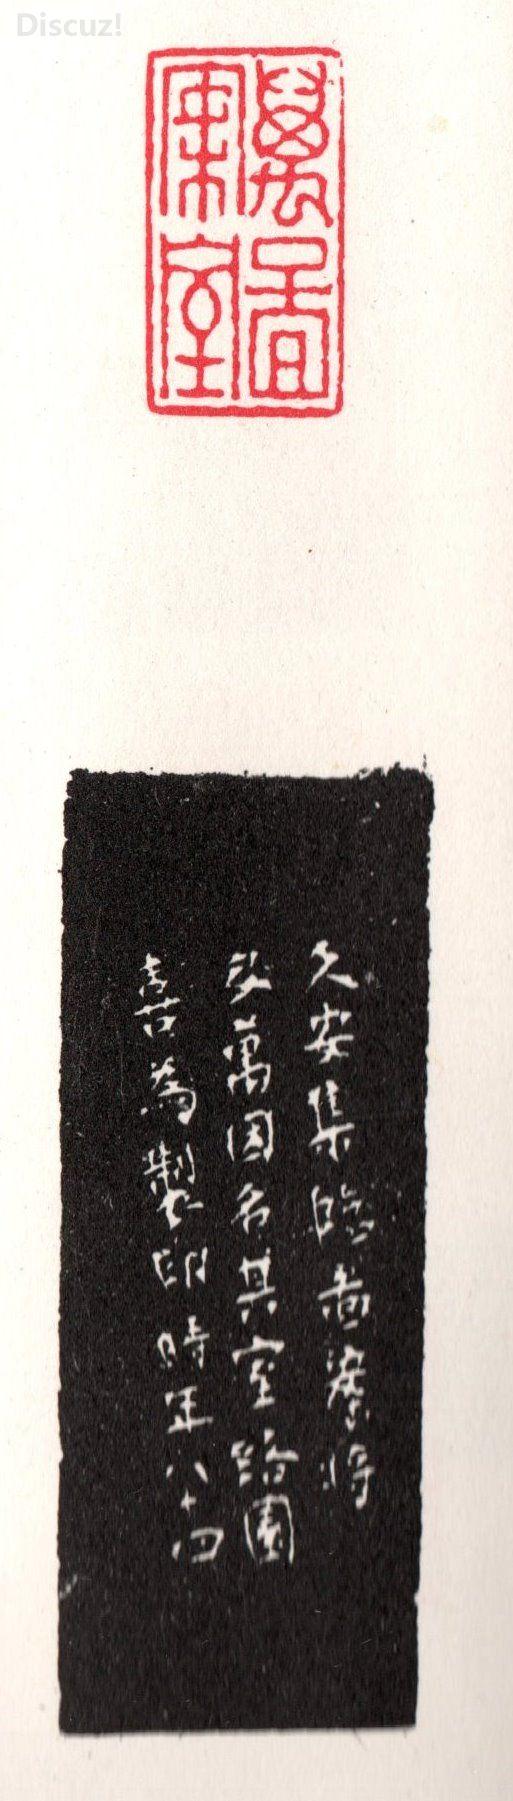 52.jpg